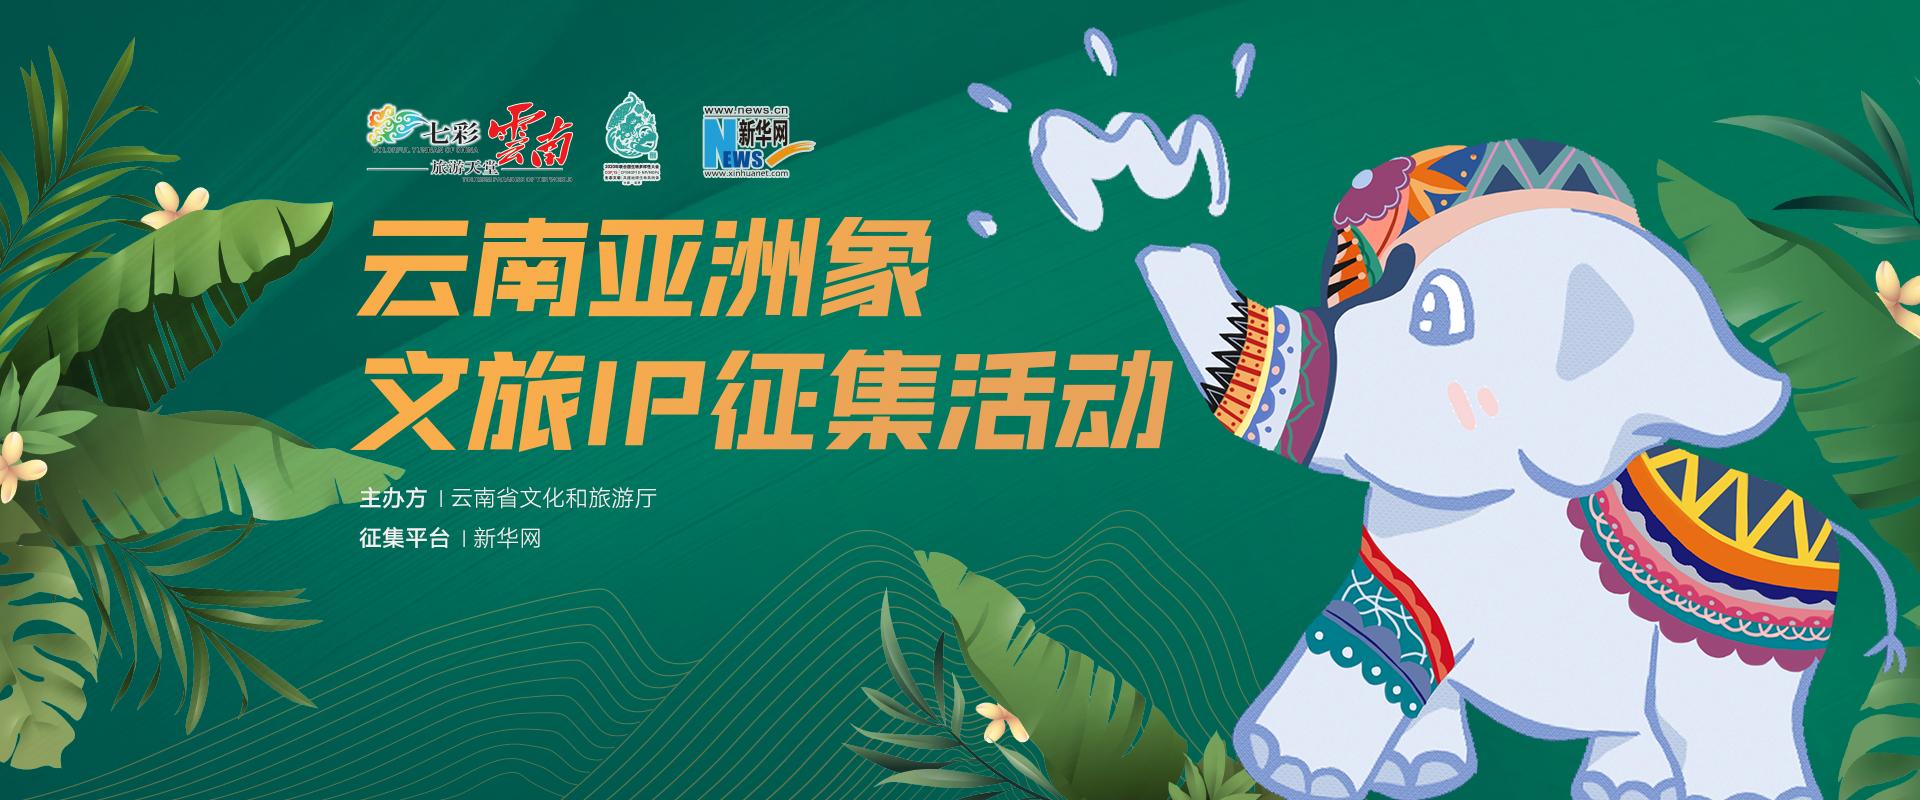 雲南亞洲象文旅IP徵集活動